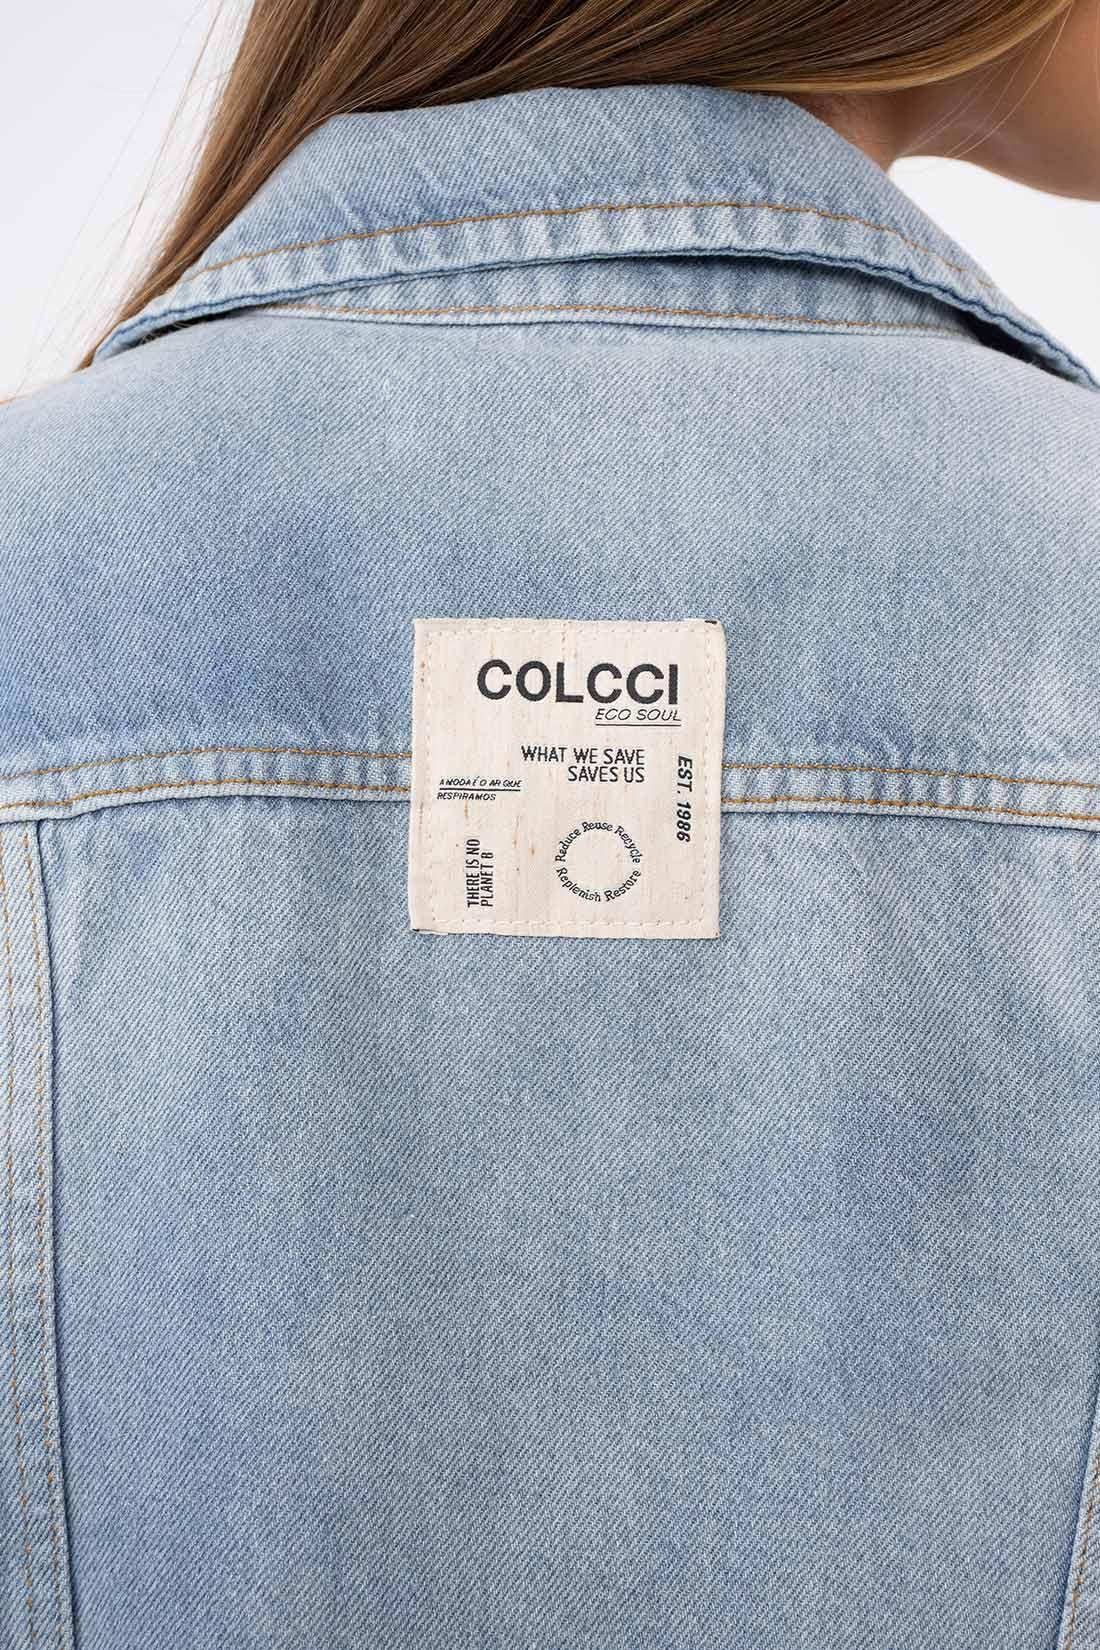 Jaqueta Jeans Colcci Etiqueta Costa